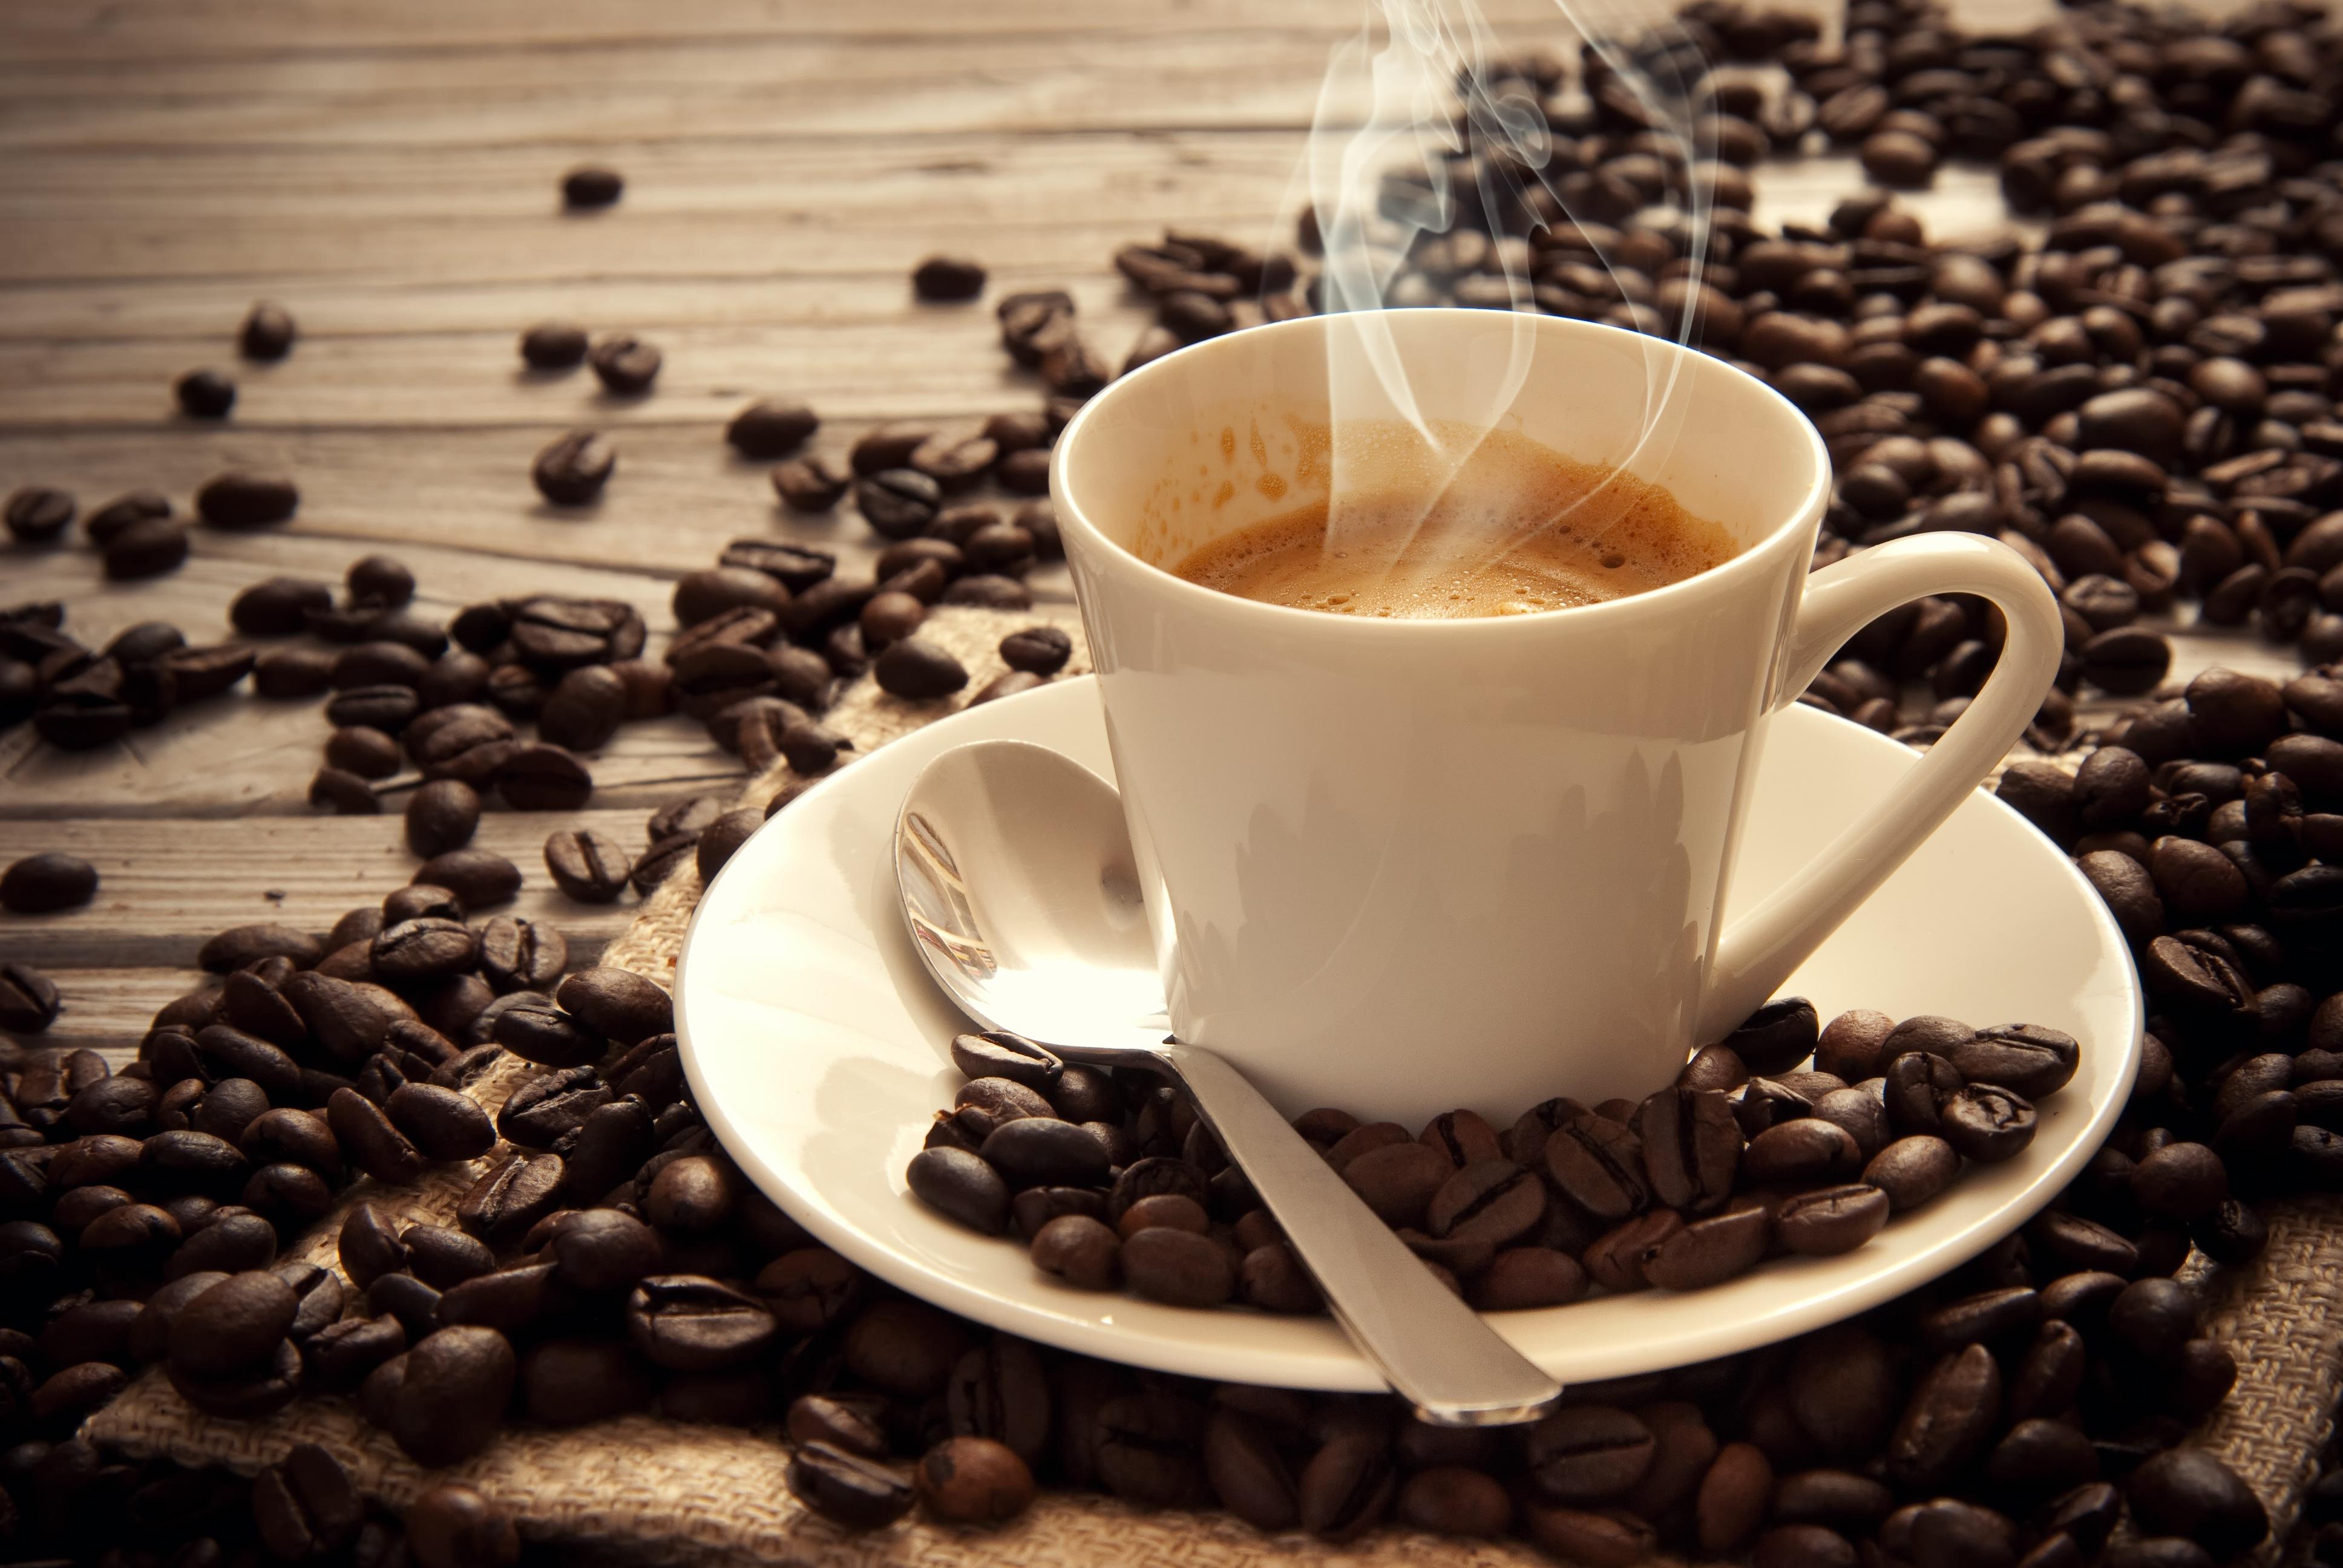 Cafe có thể khiến cơ thể mất nước, điều này không tốt đối với bệnh nhân rối loạn tiền đình